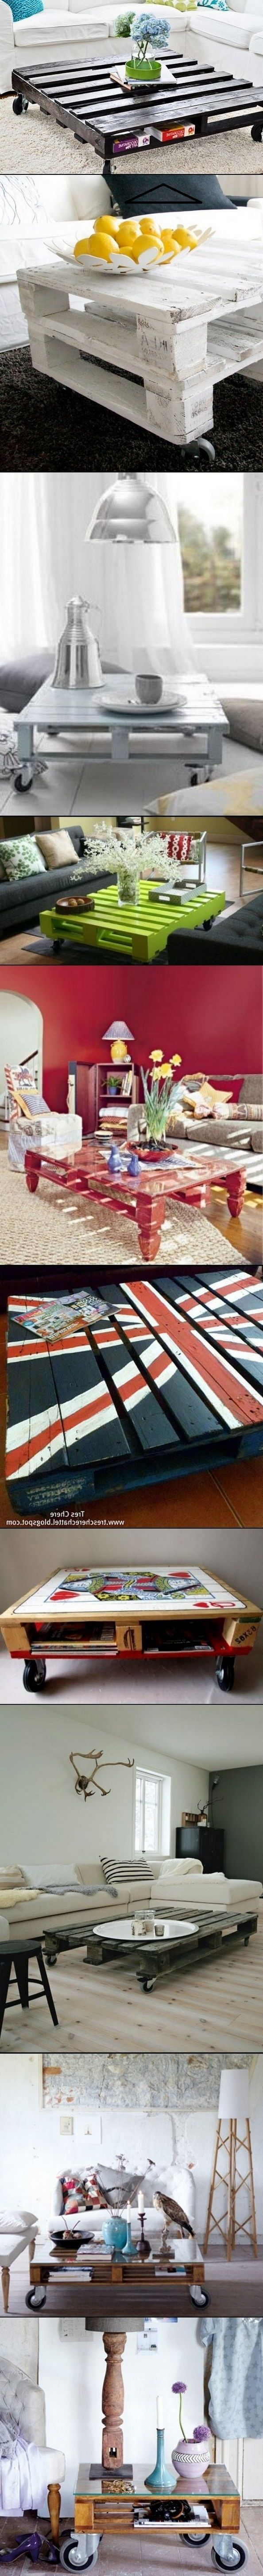 DIY Home decor - Tables ideas